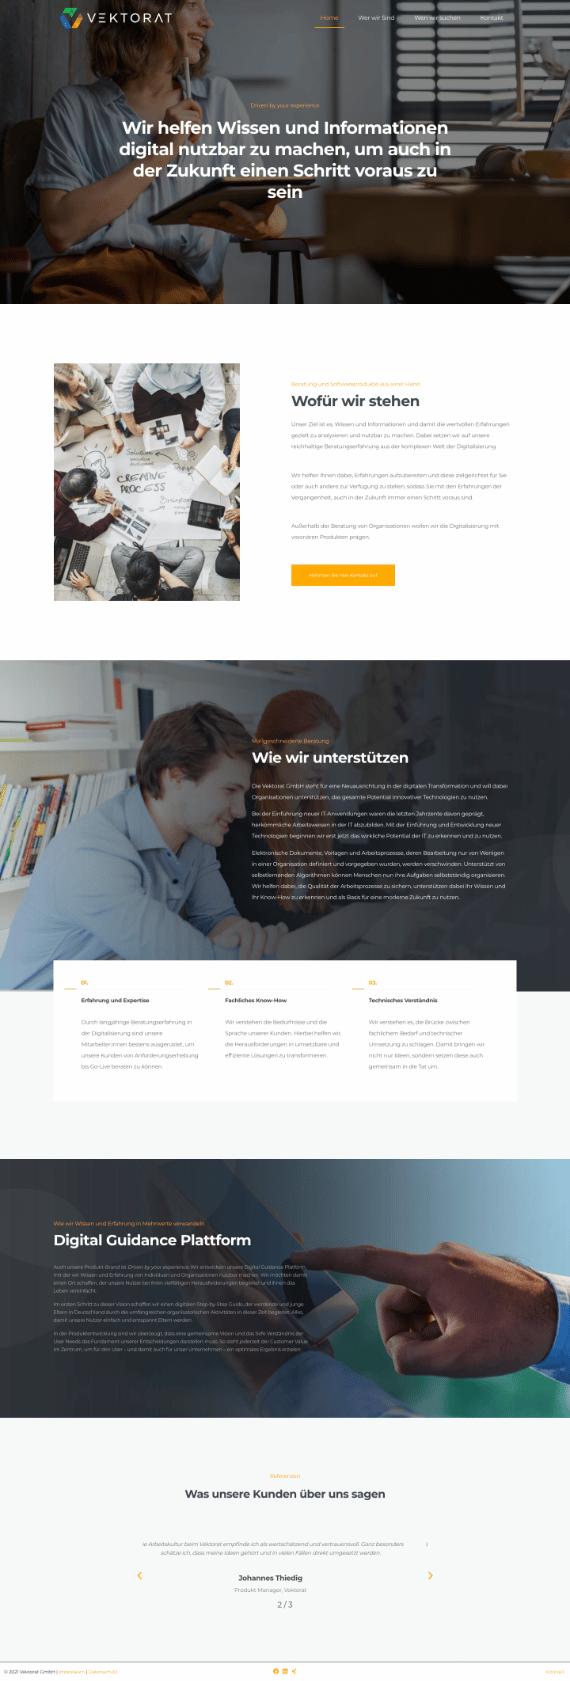 WordPress-Webdesign Referenz: Webseite von Vektorat